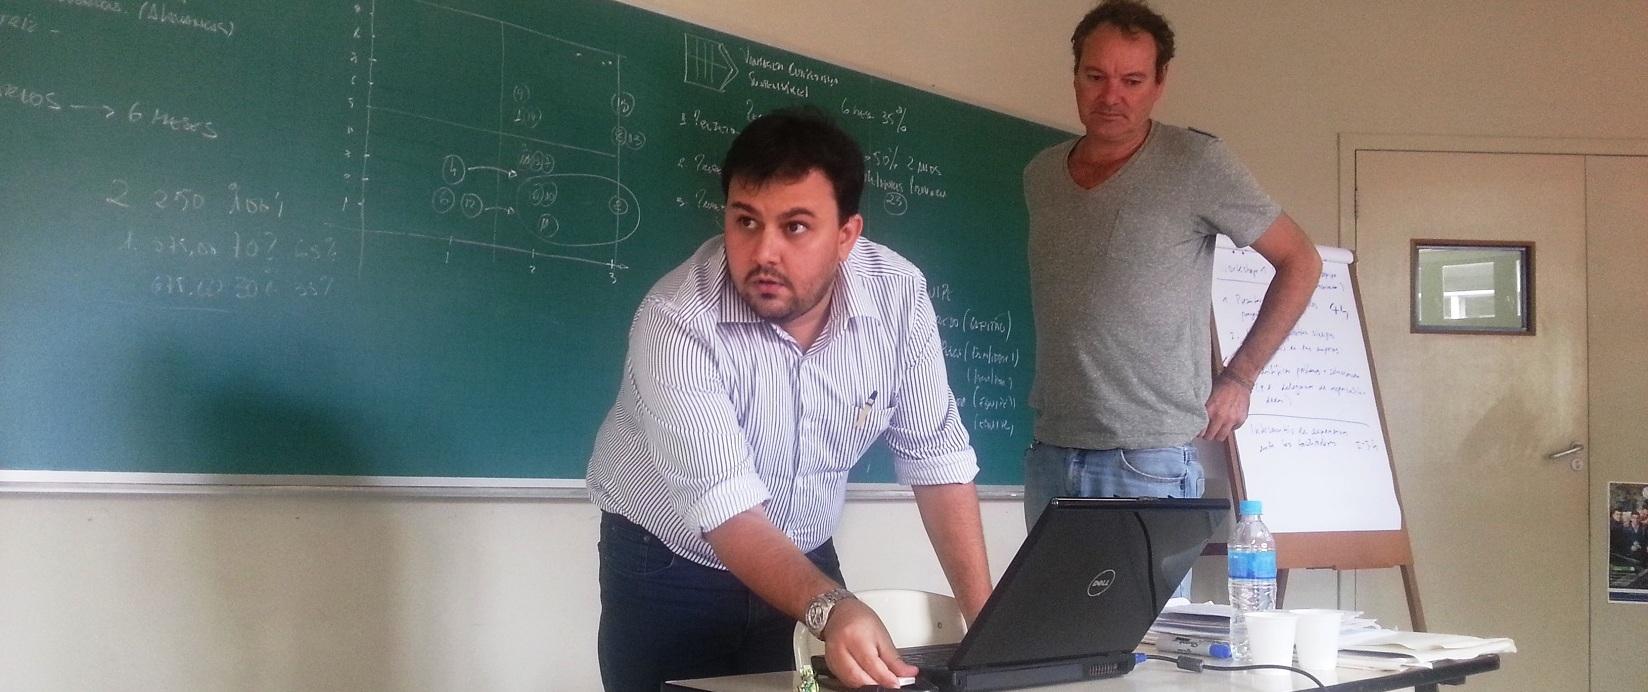 Consultores da Factta na UFSC -Universidade Federal de Santa Catarina